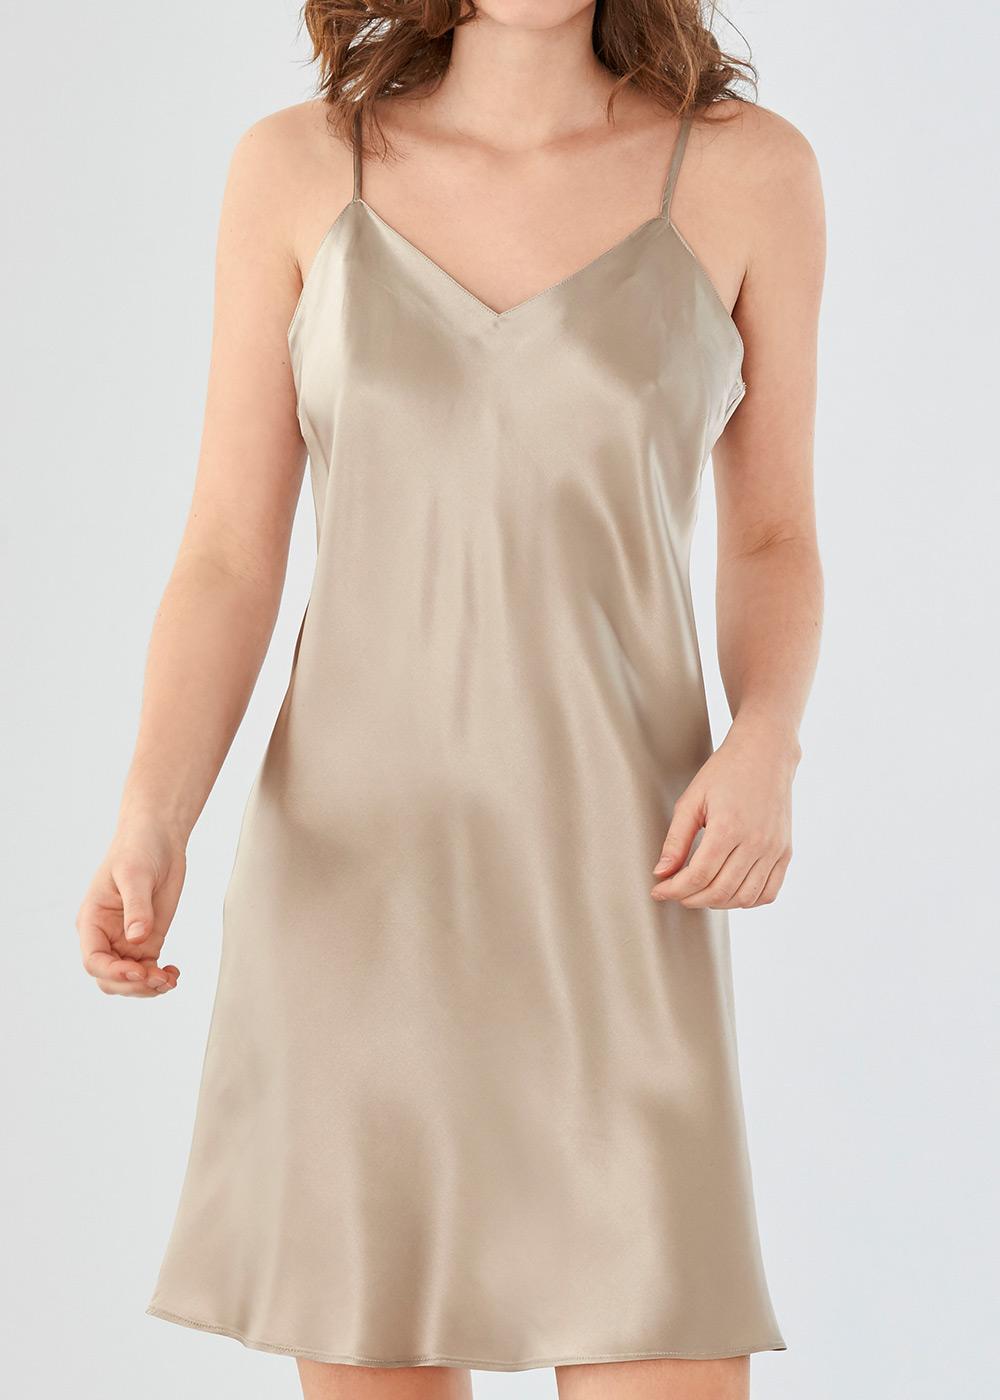 Damella nattlinne silke XS-XL beige  9f971fc9747de